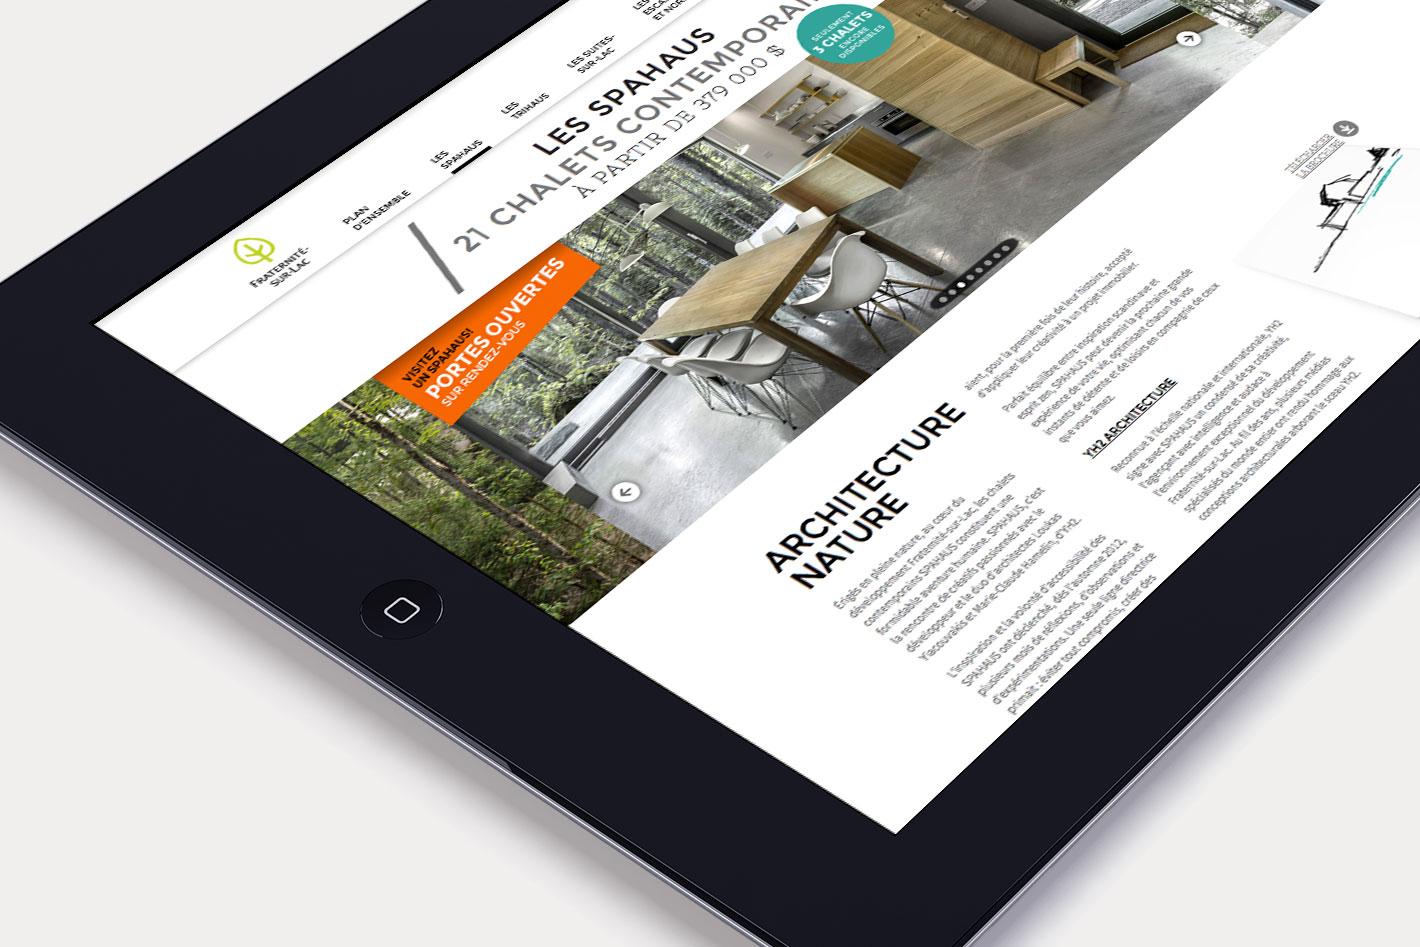 Spahaus_IMGS_1420x947-iPad-1-Angle